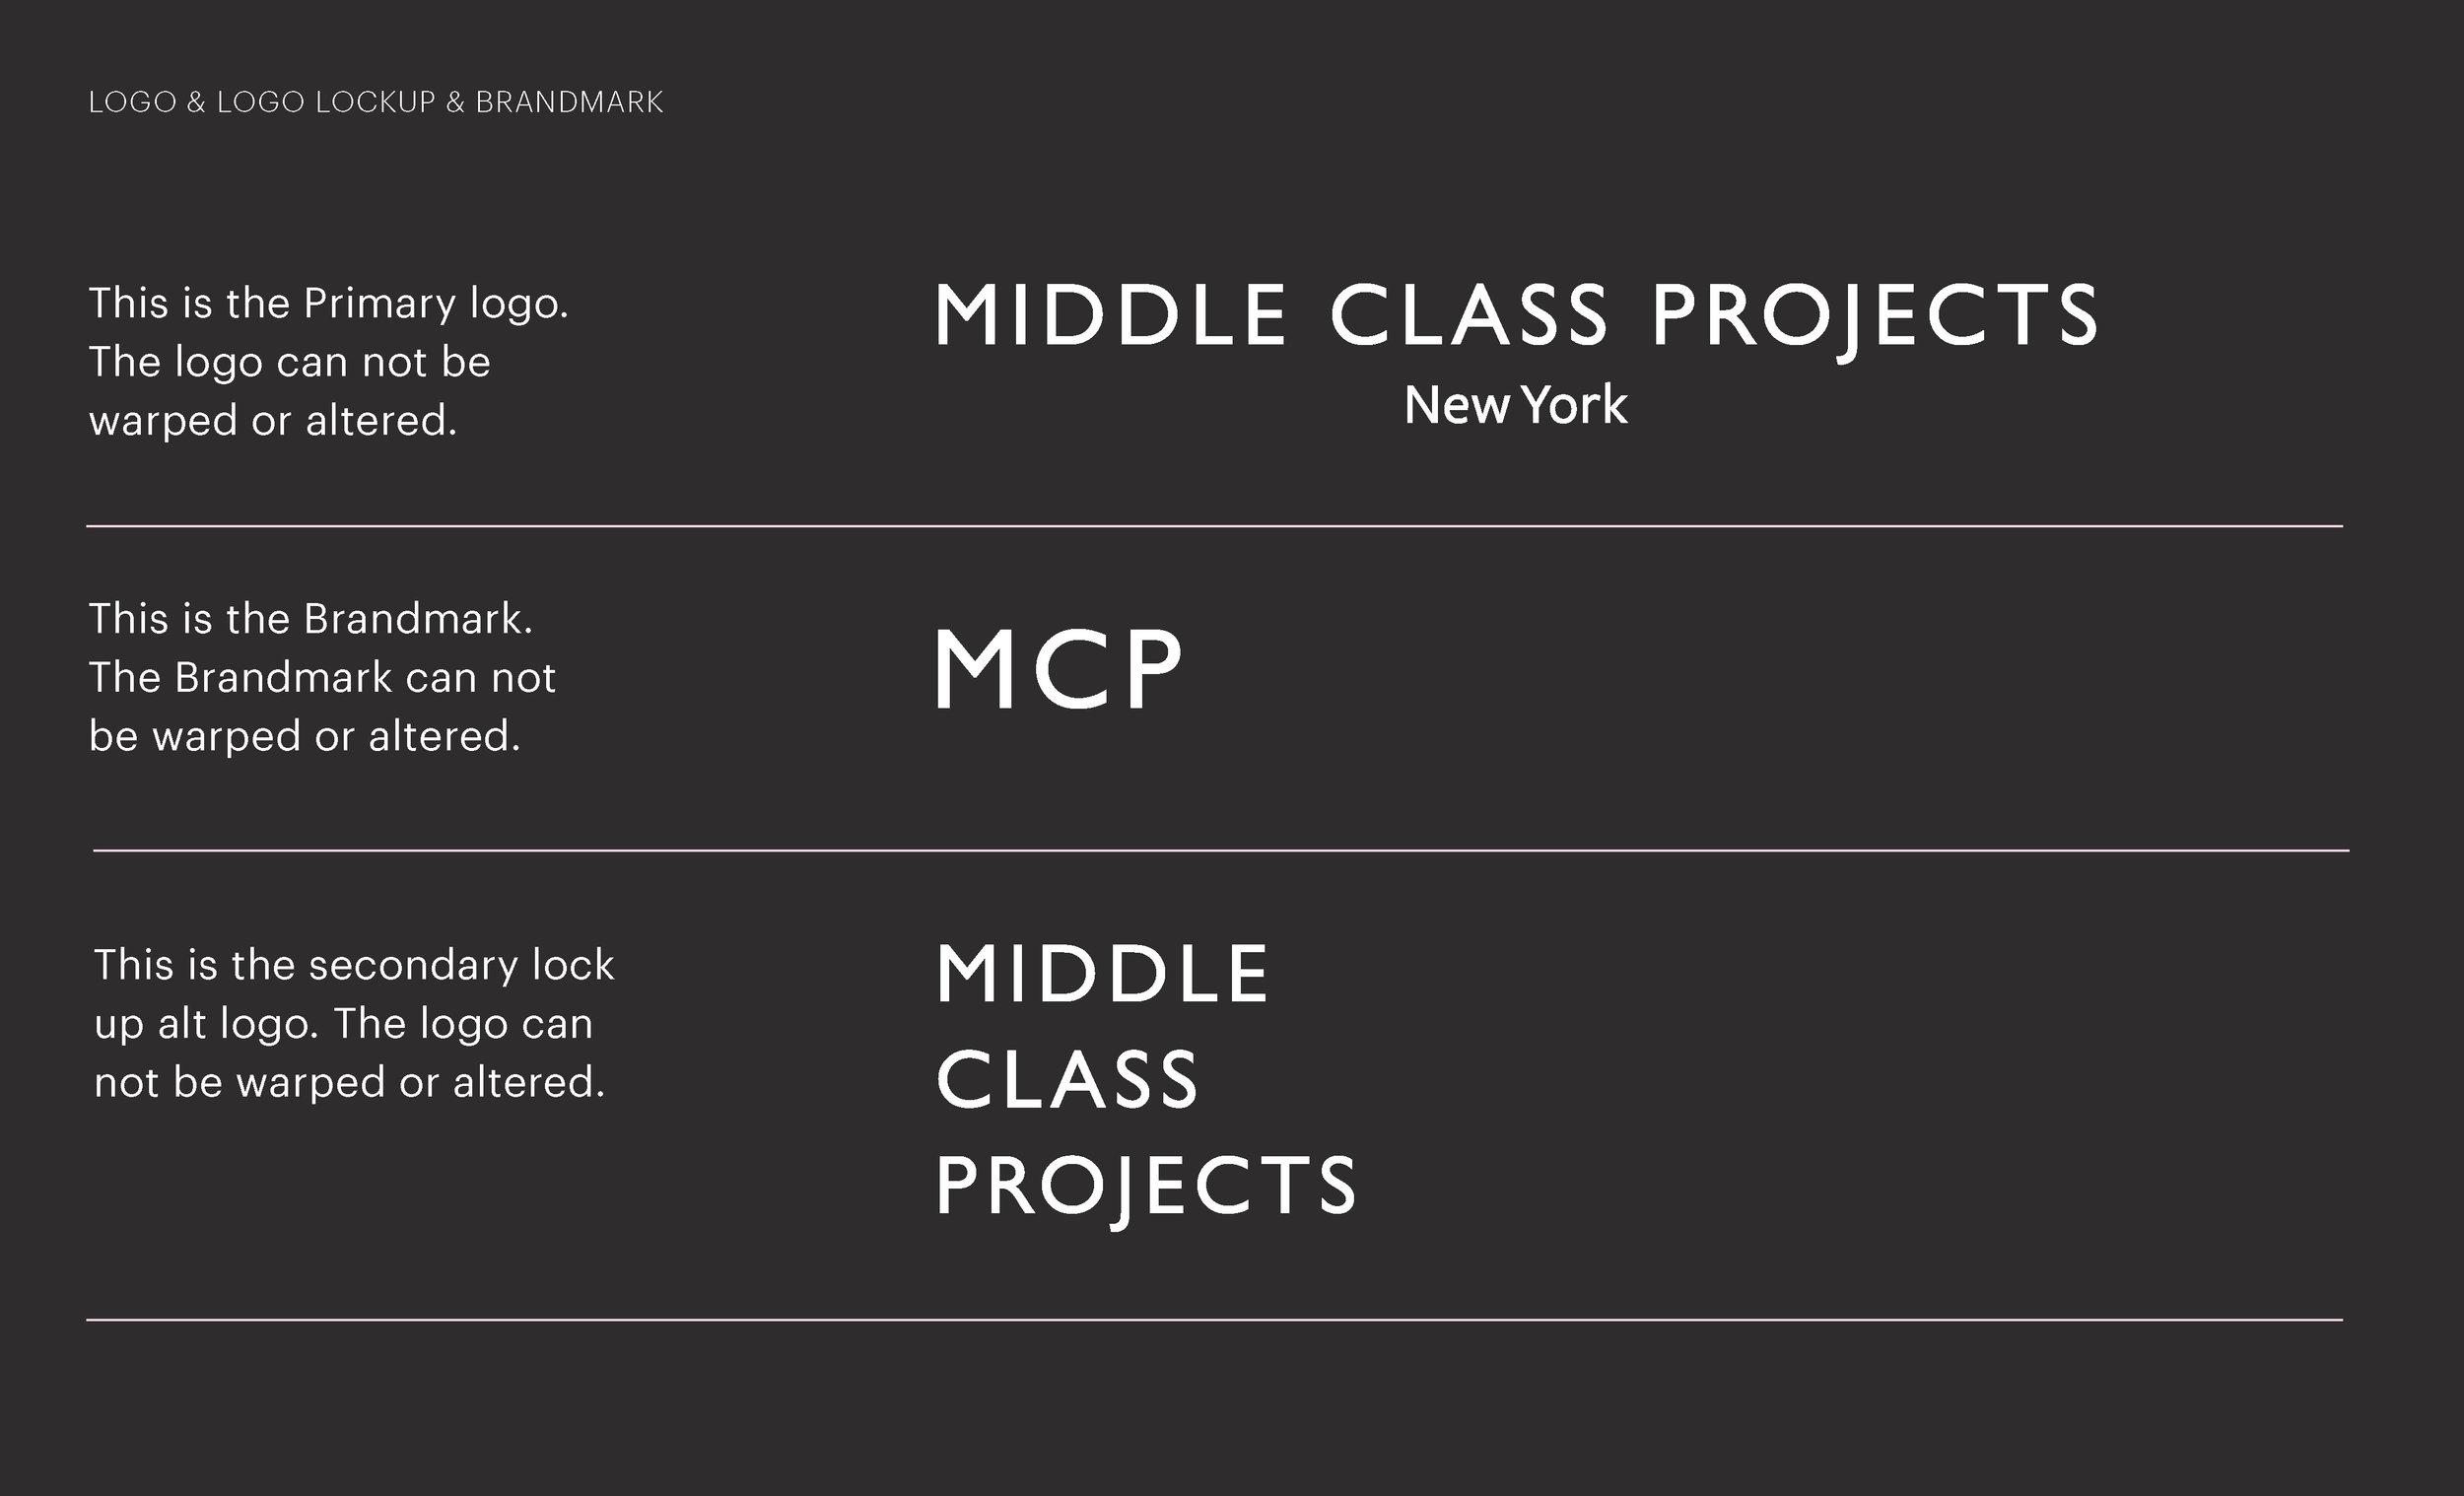 MiddleClassProjects_BrandGuideline_F6.jpg